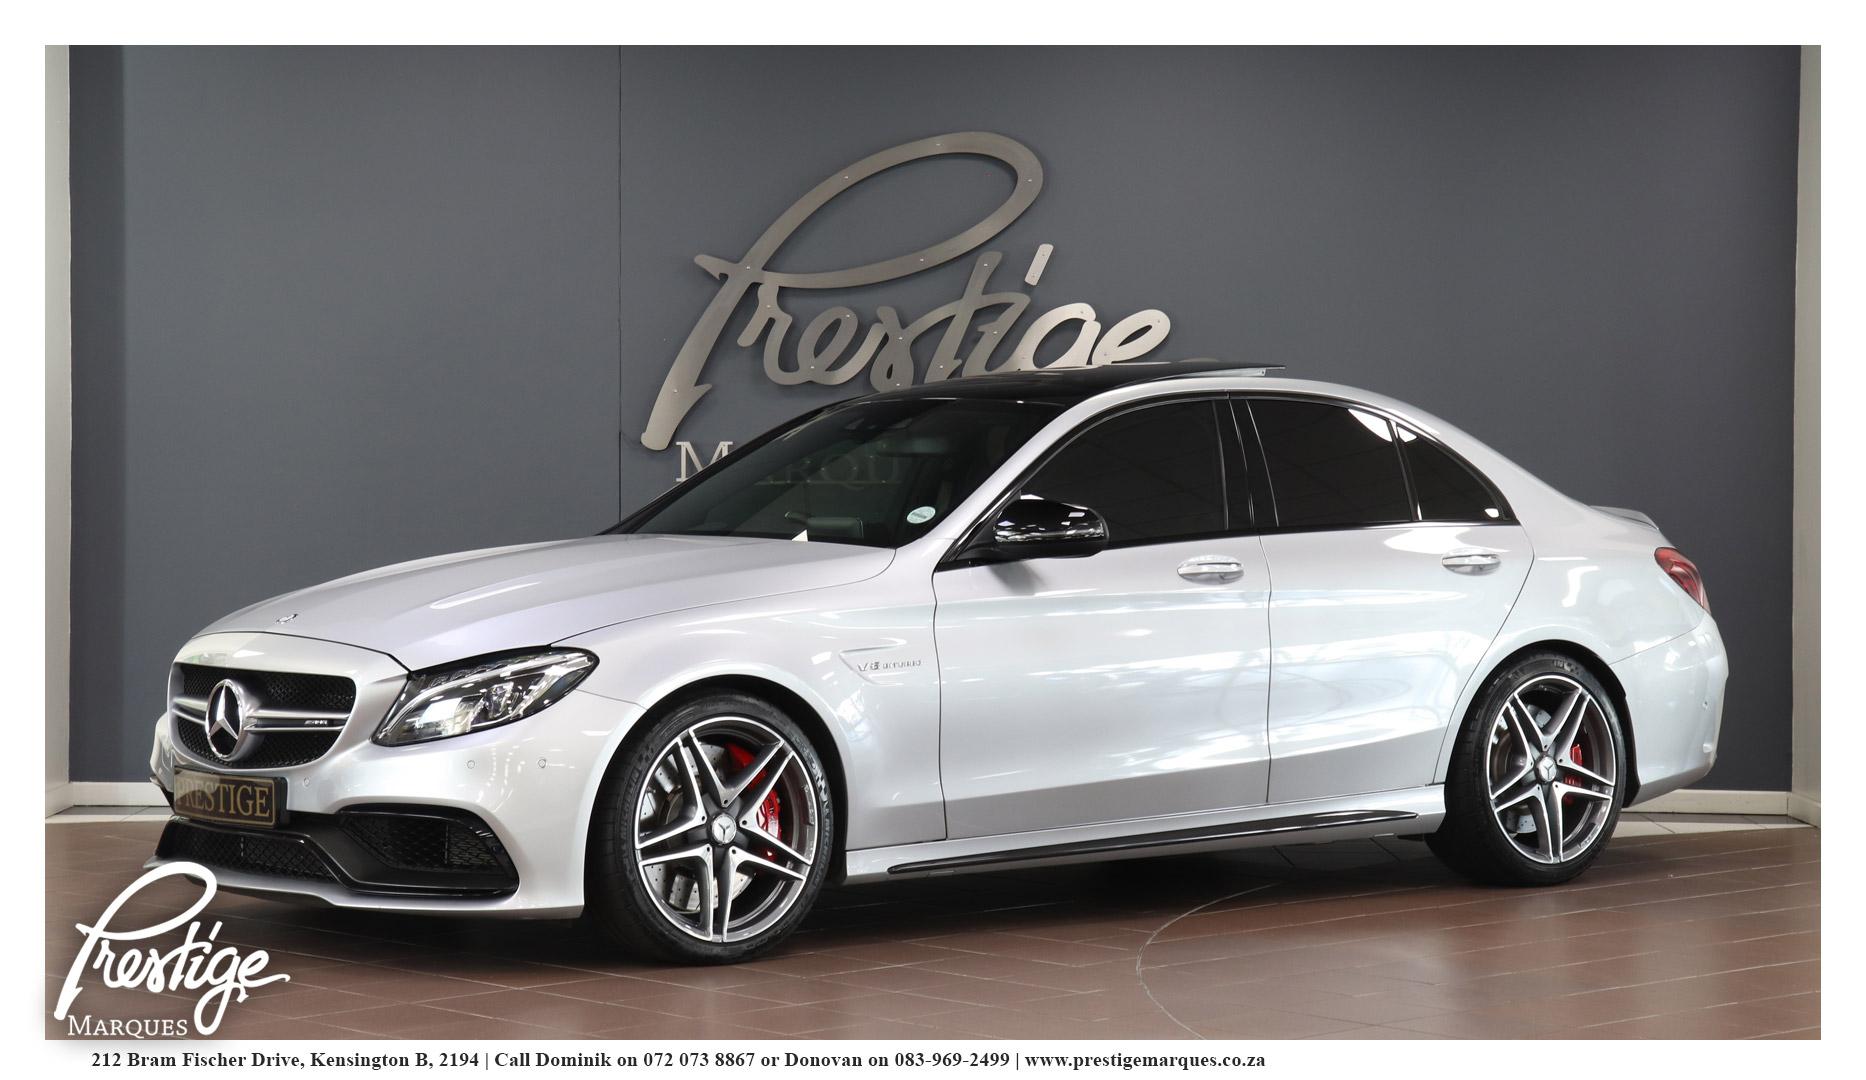 Mercedes-Benz-C63s-AMG-Prestige-Marques-7